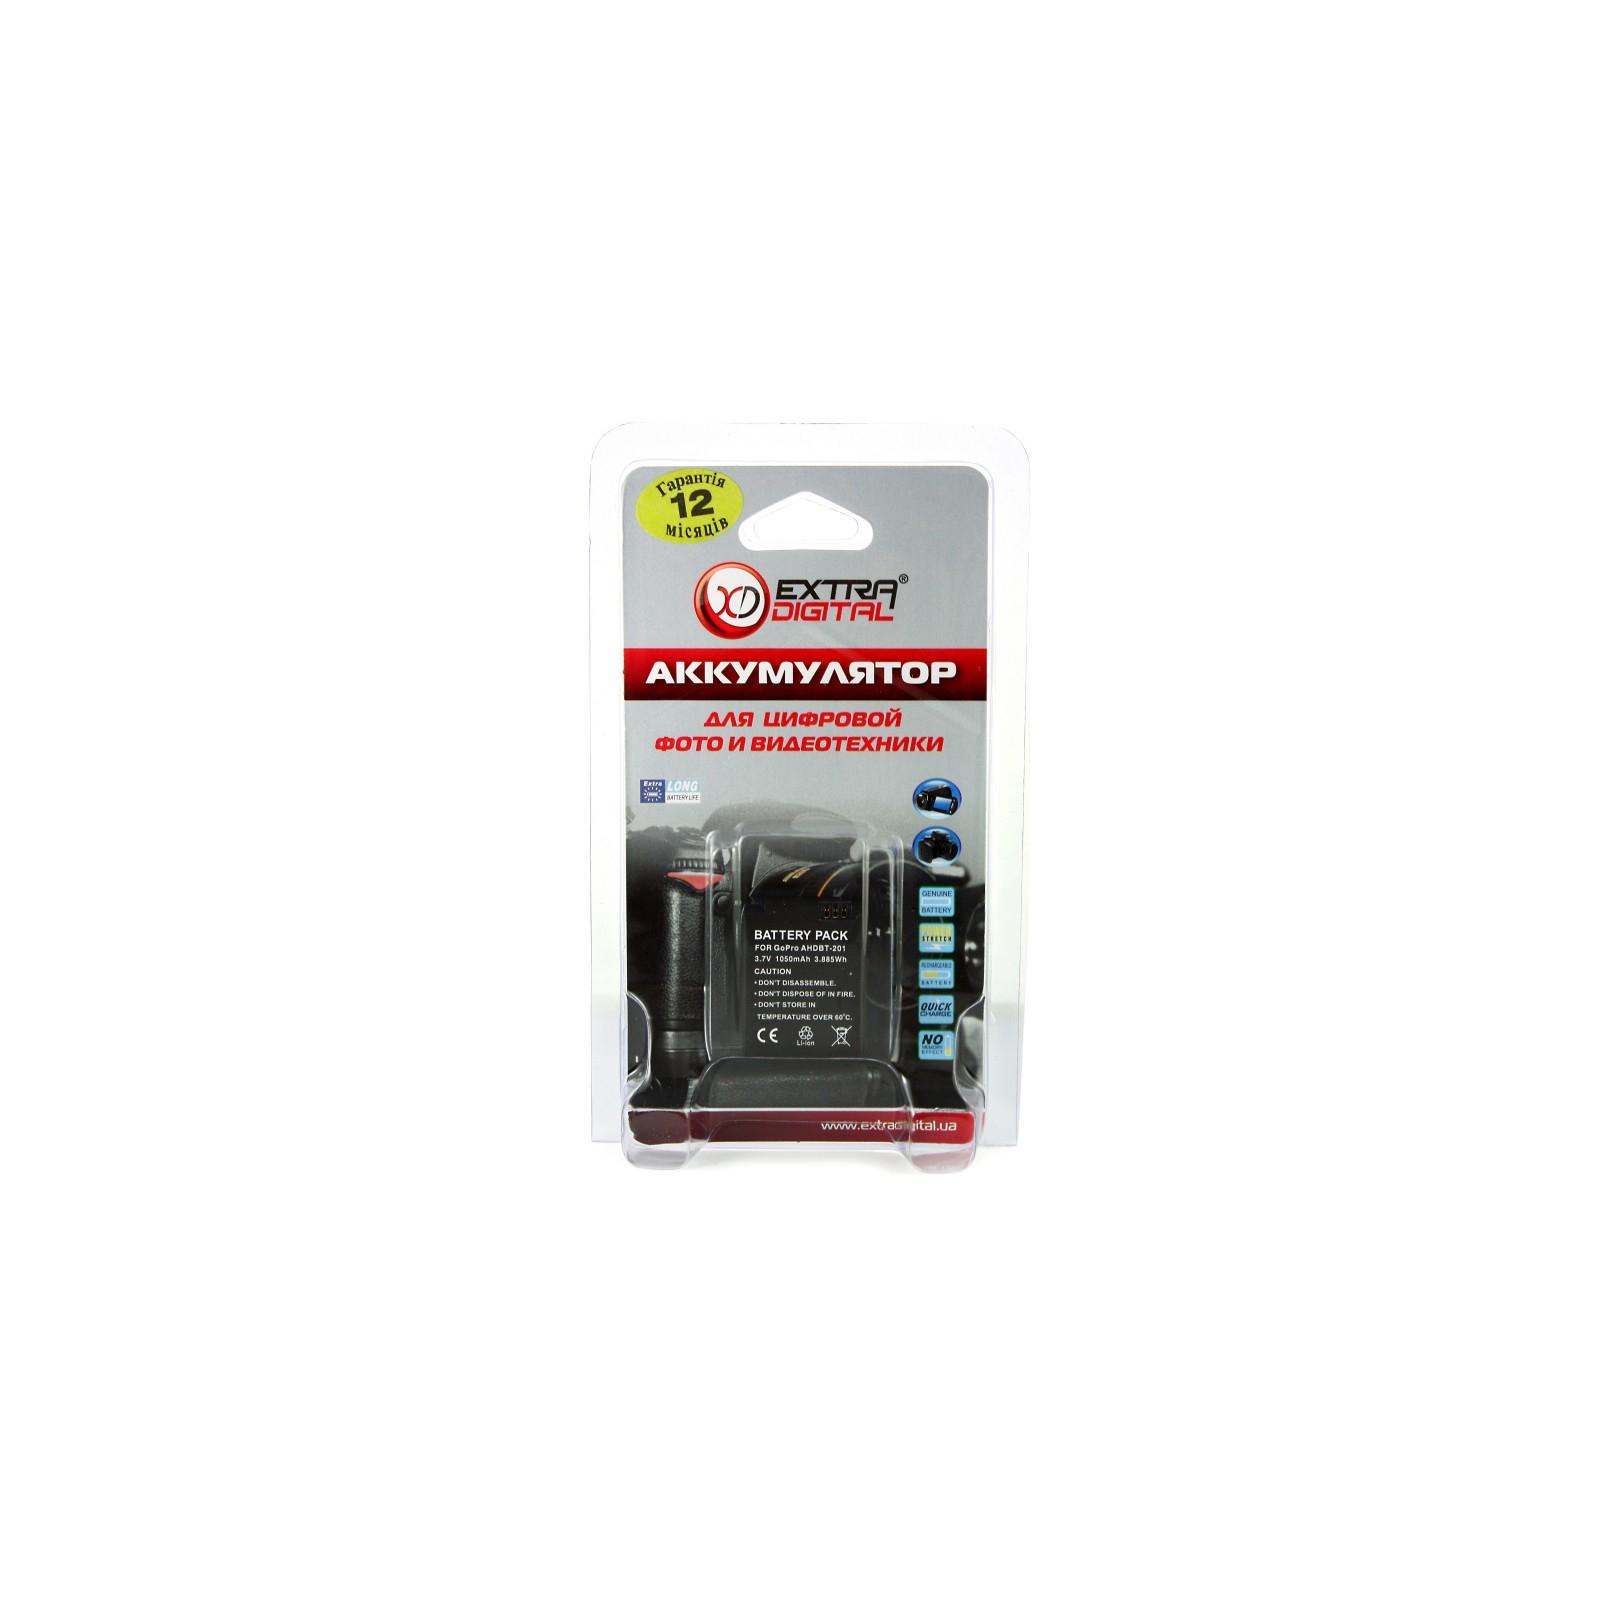 Аккумулятор к фото/видео EXTRADIGITAL GoPro HERO 3 (AHDBT-201) (DV00DV1001) изображение 6